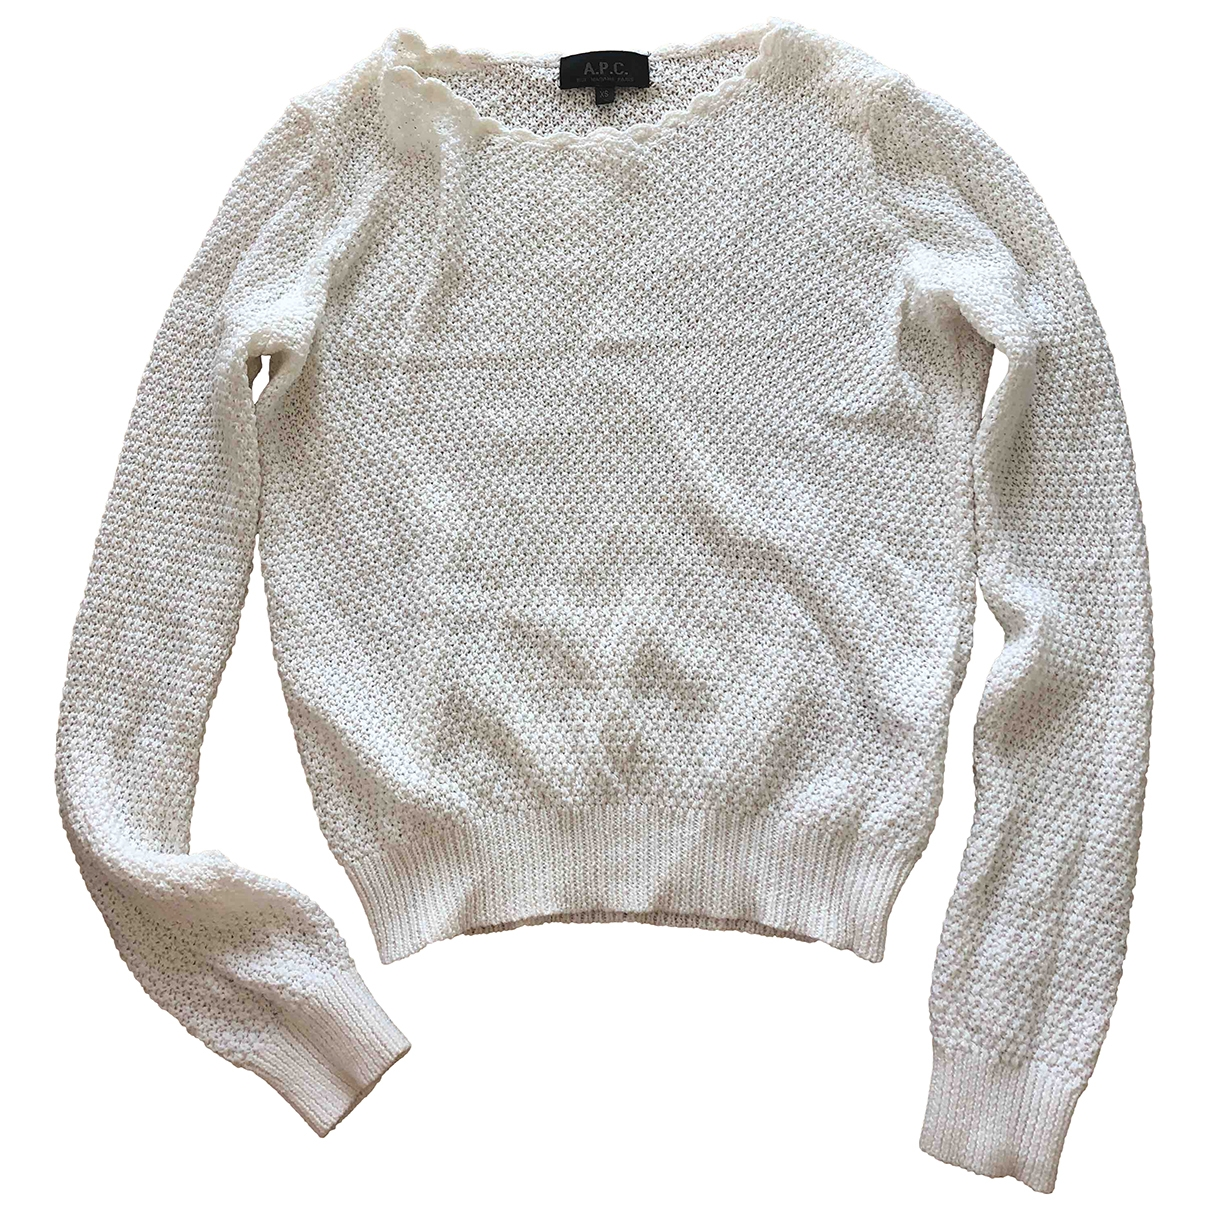 Apc \N White Cotton Knitwear for Women 34 FR